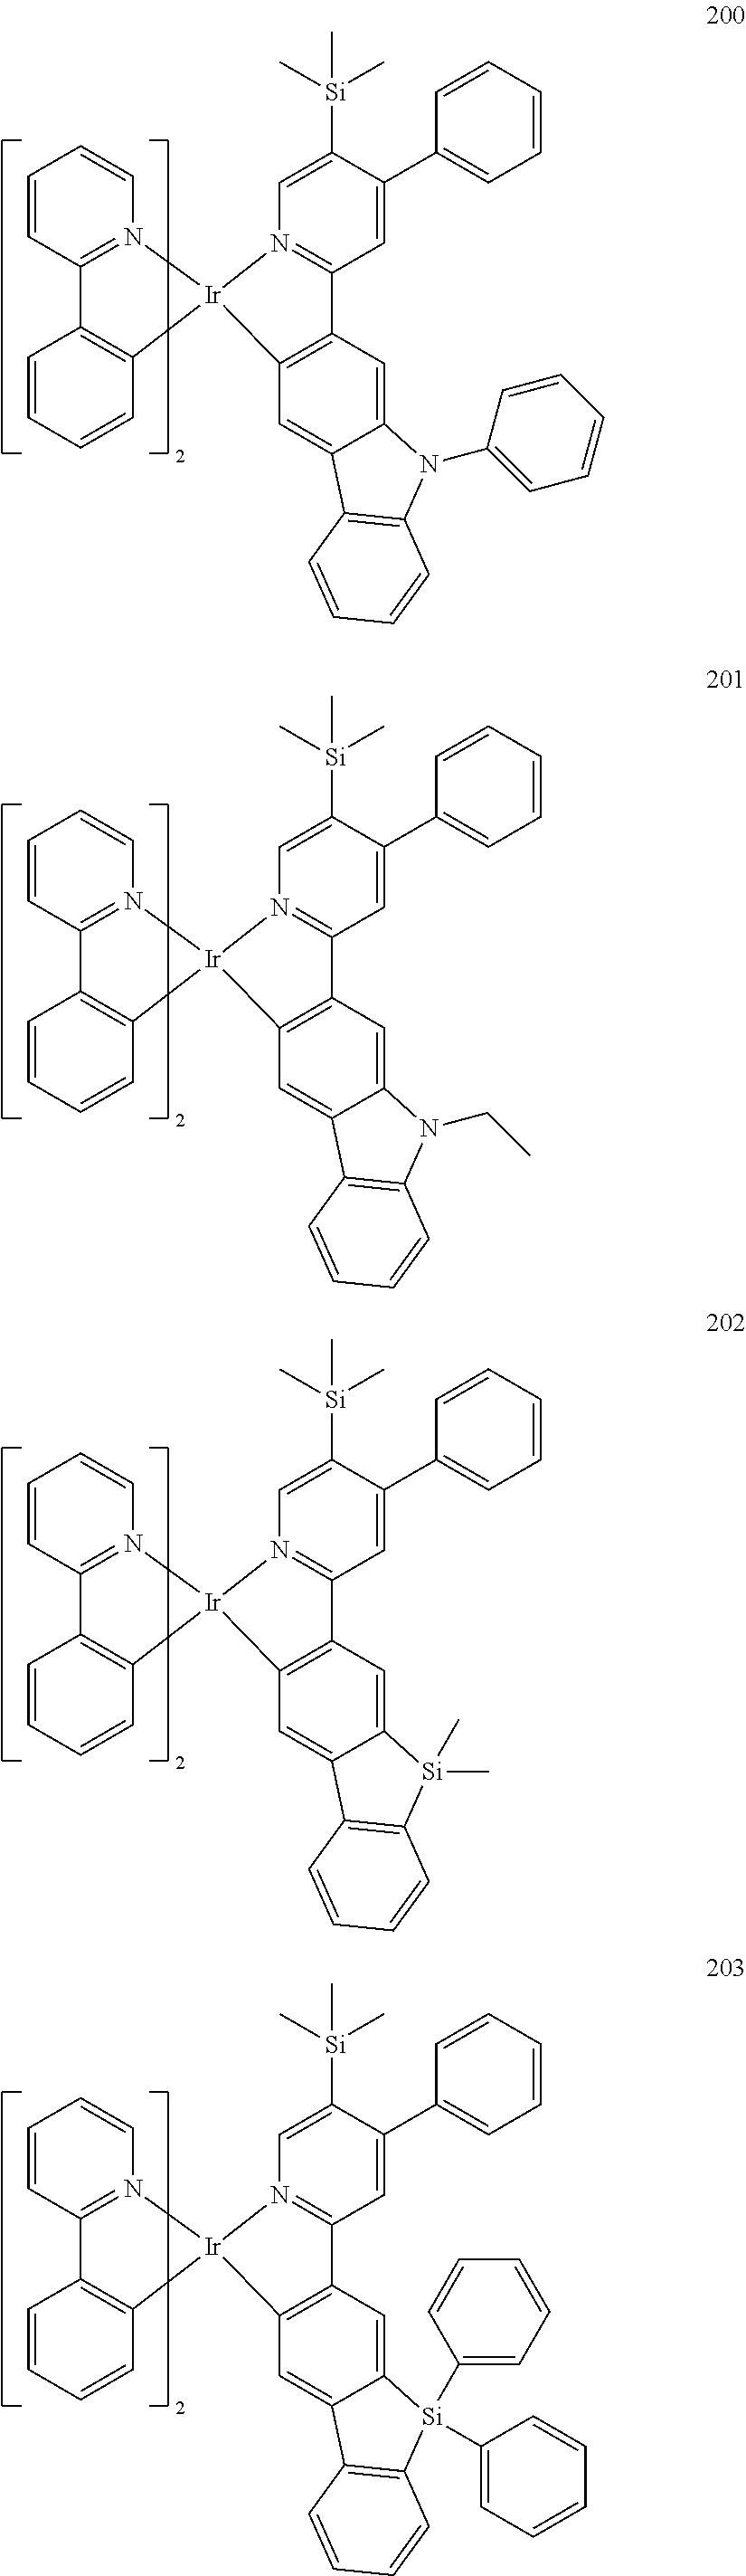 Figure US20160155962A1-20160602-C00386